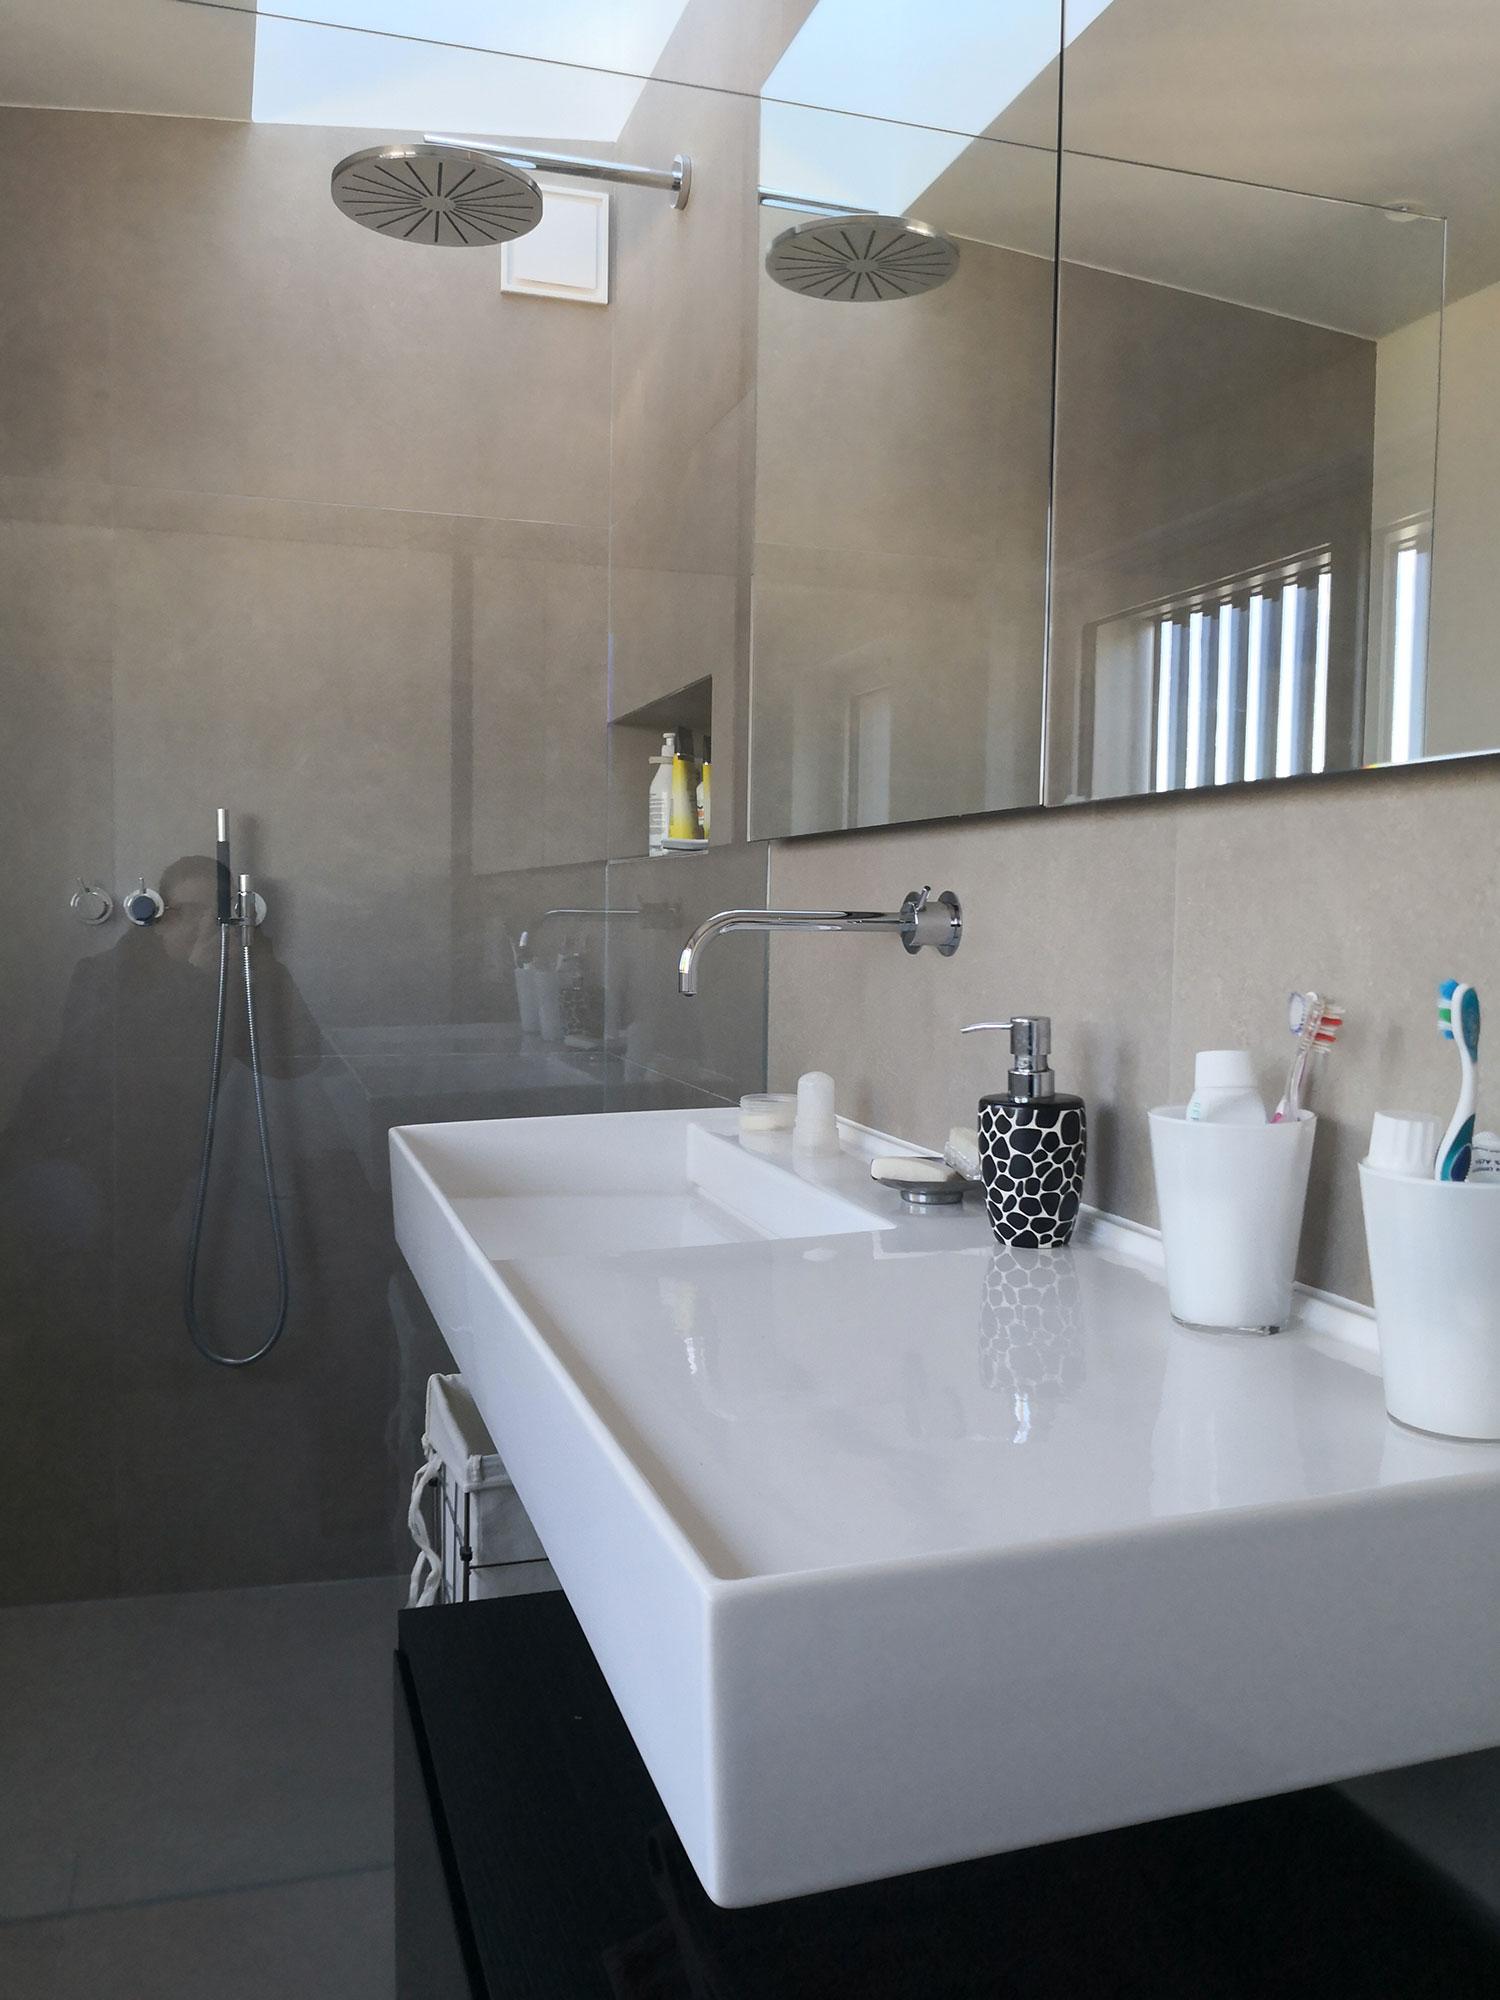 Salle de bain à Lutry  Maison de maître